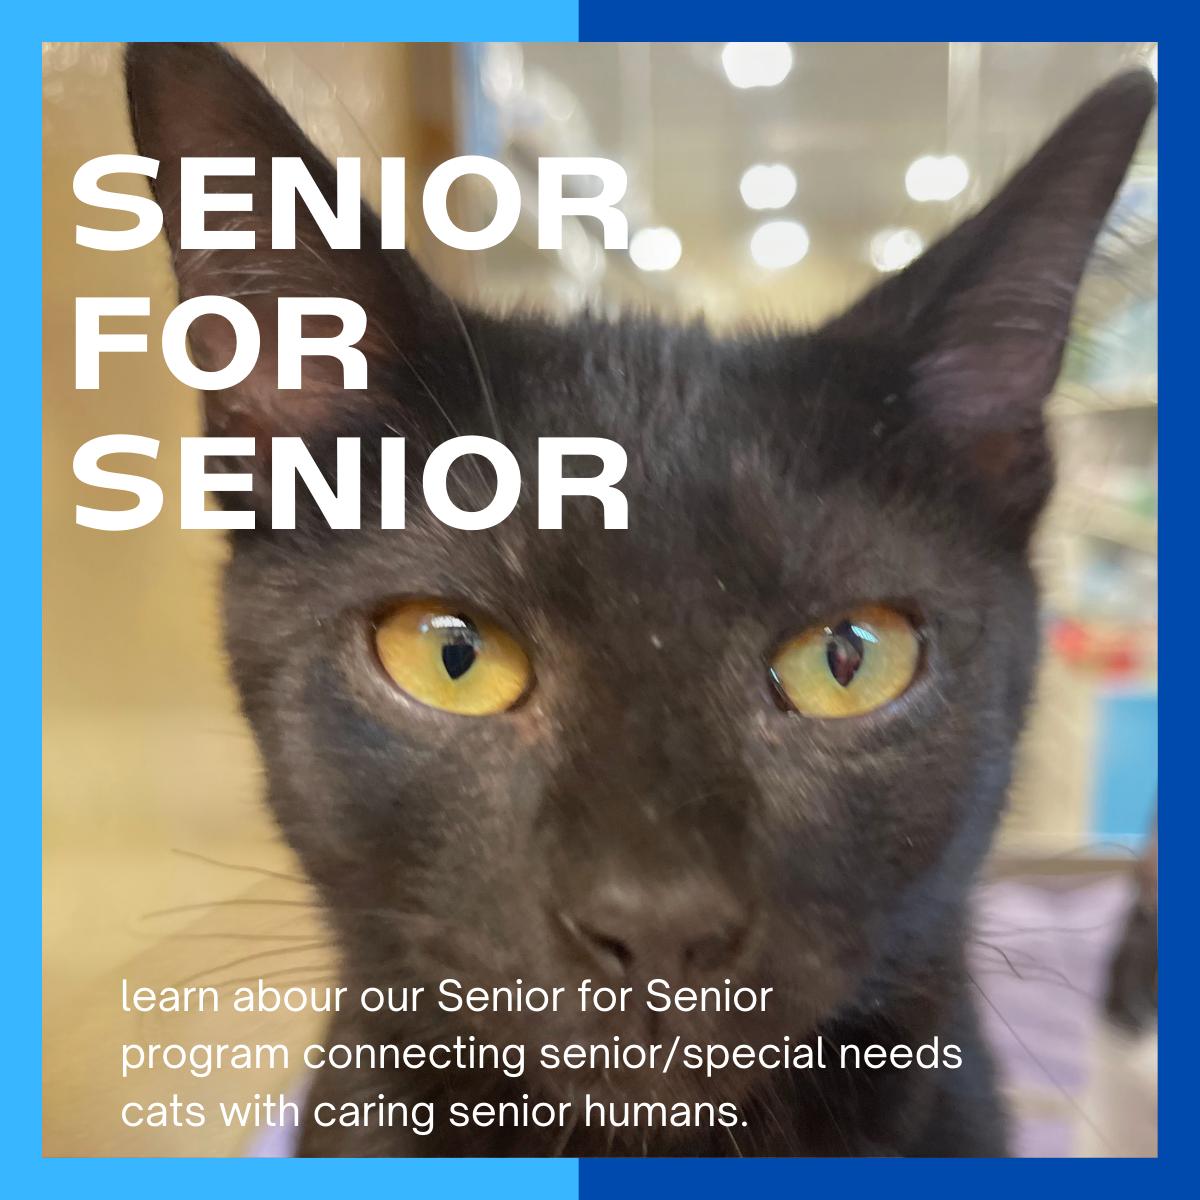 website_senior4senior